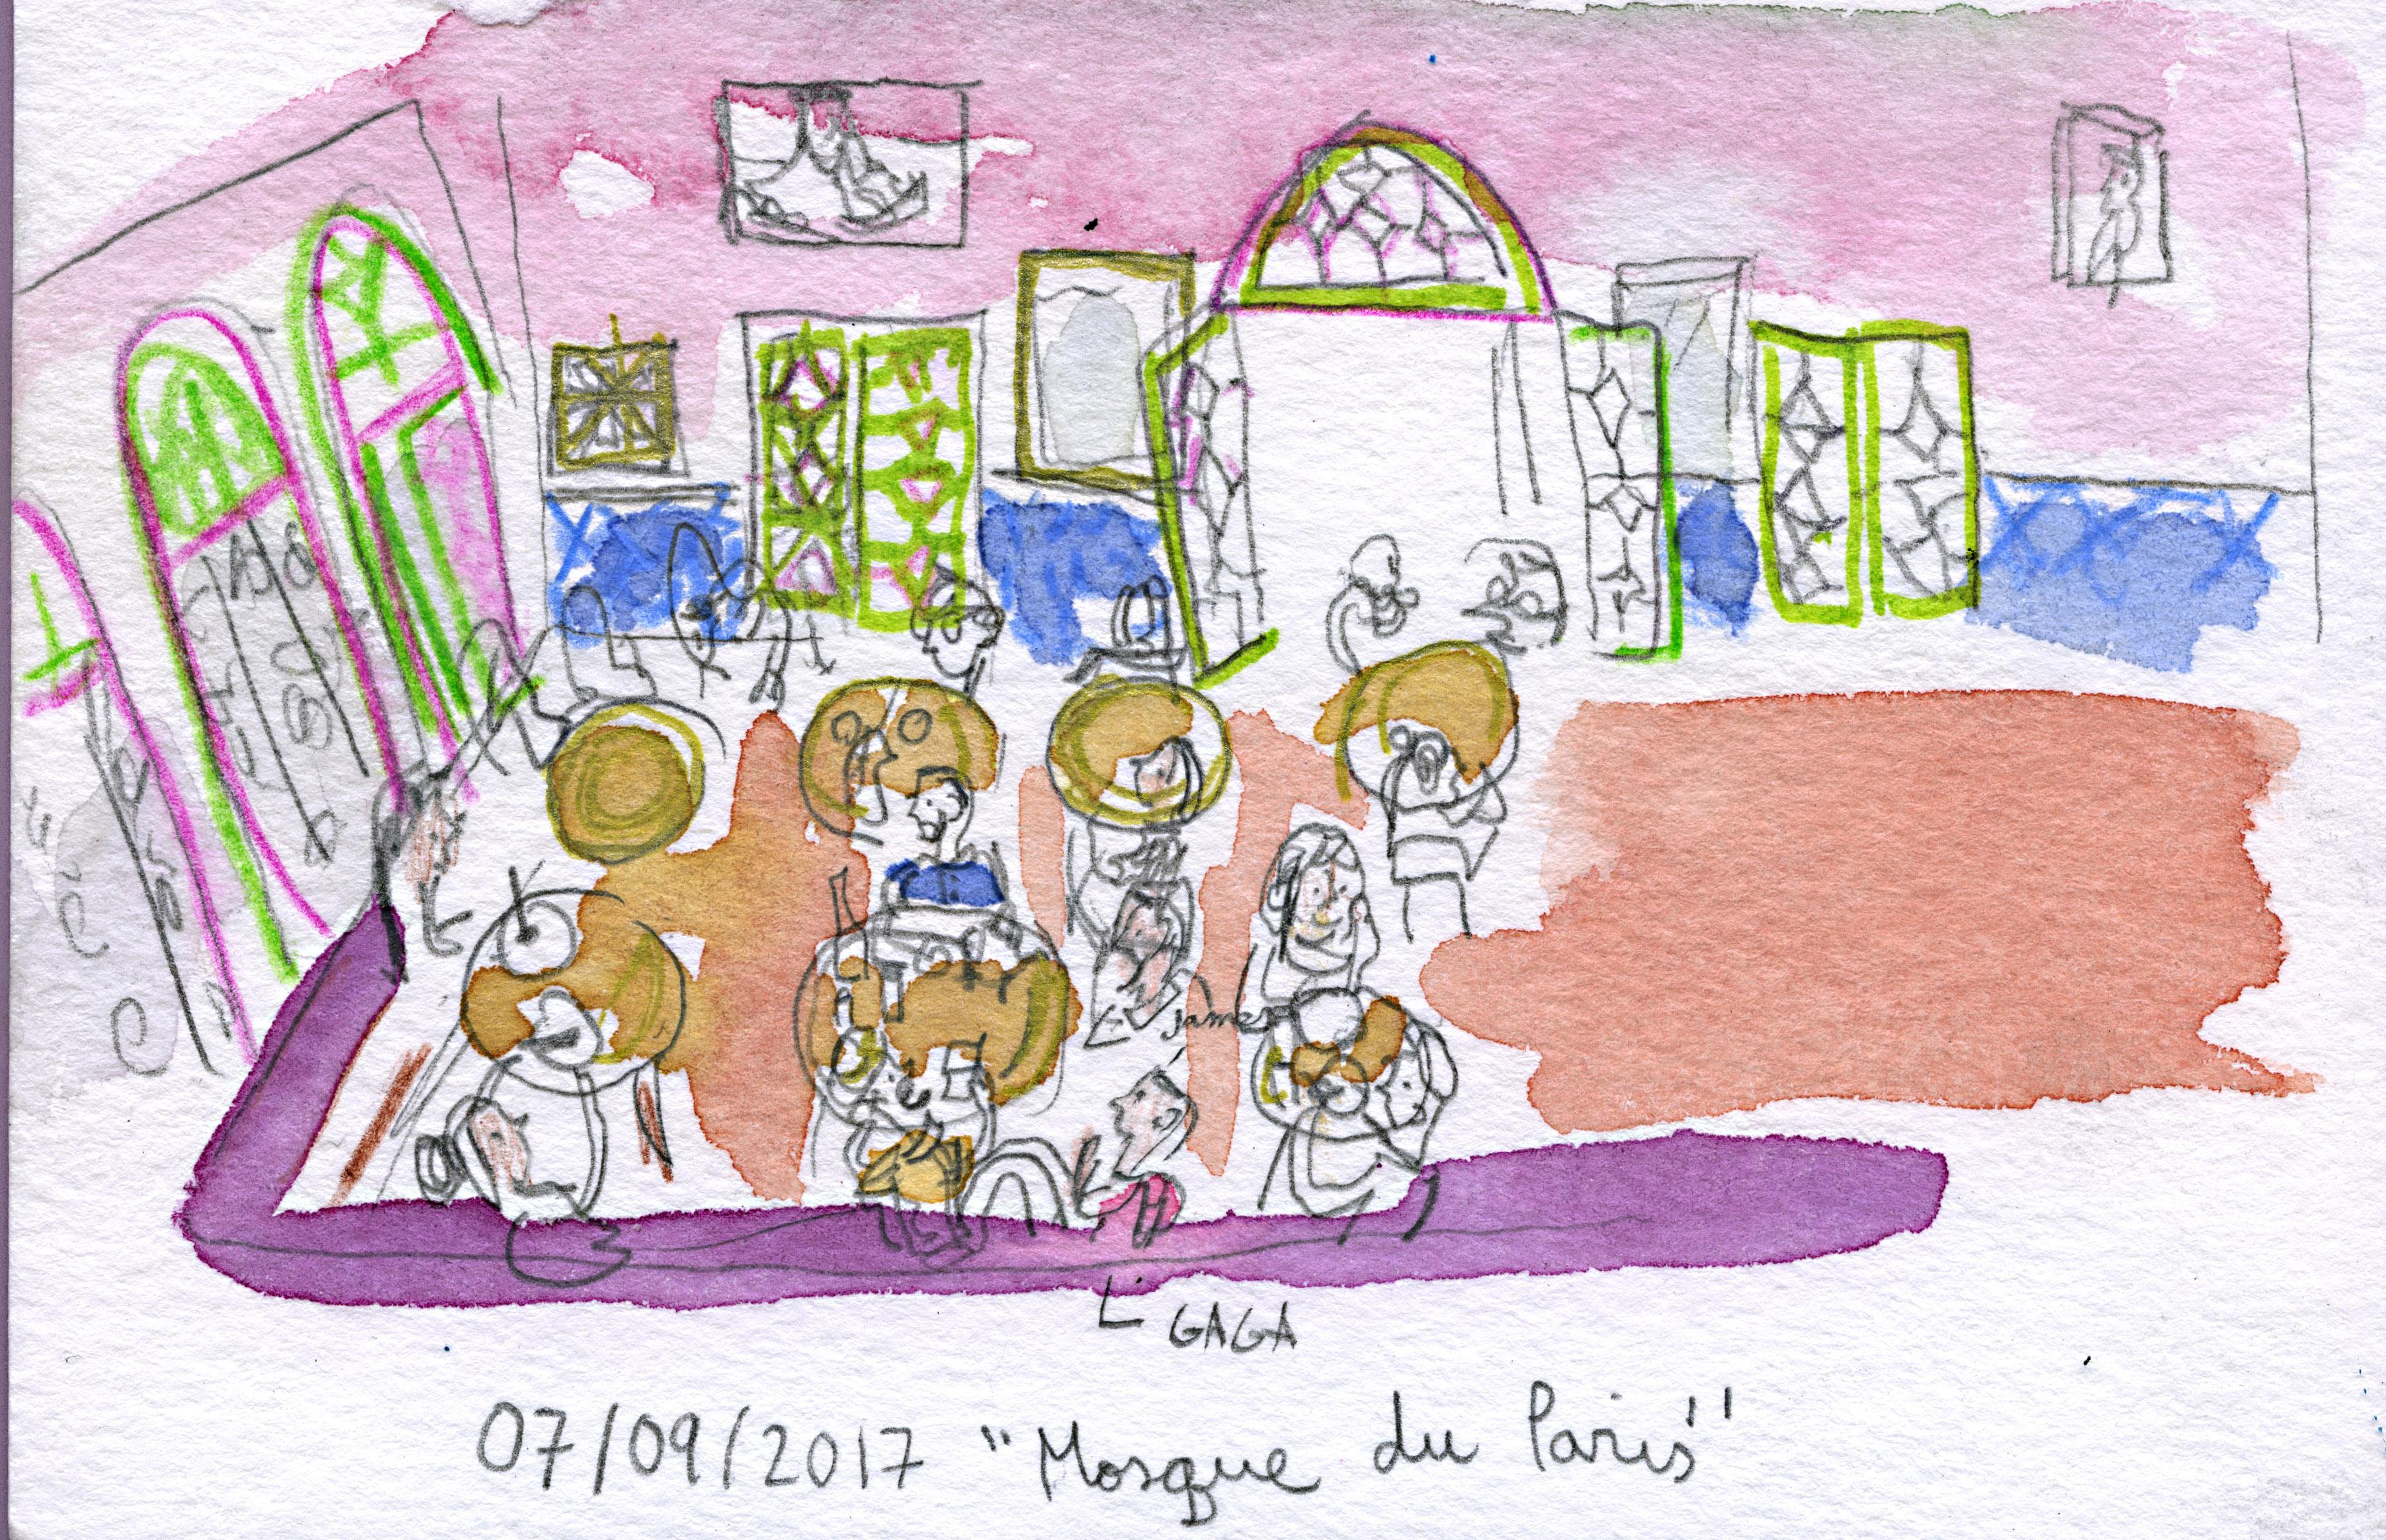 07-09-2017 mosque du paris